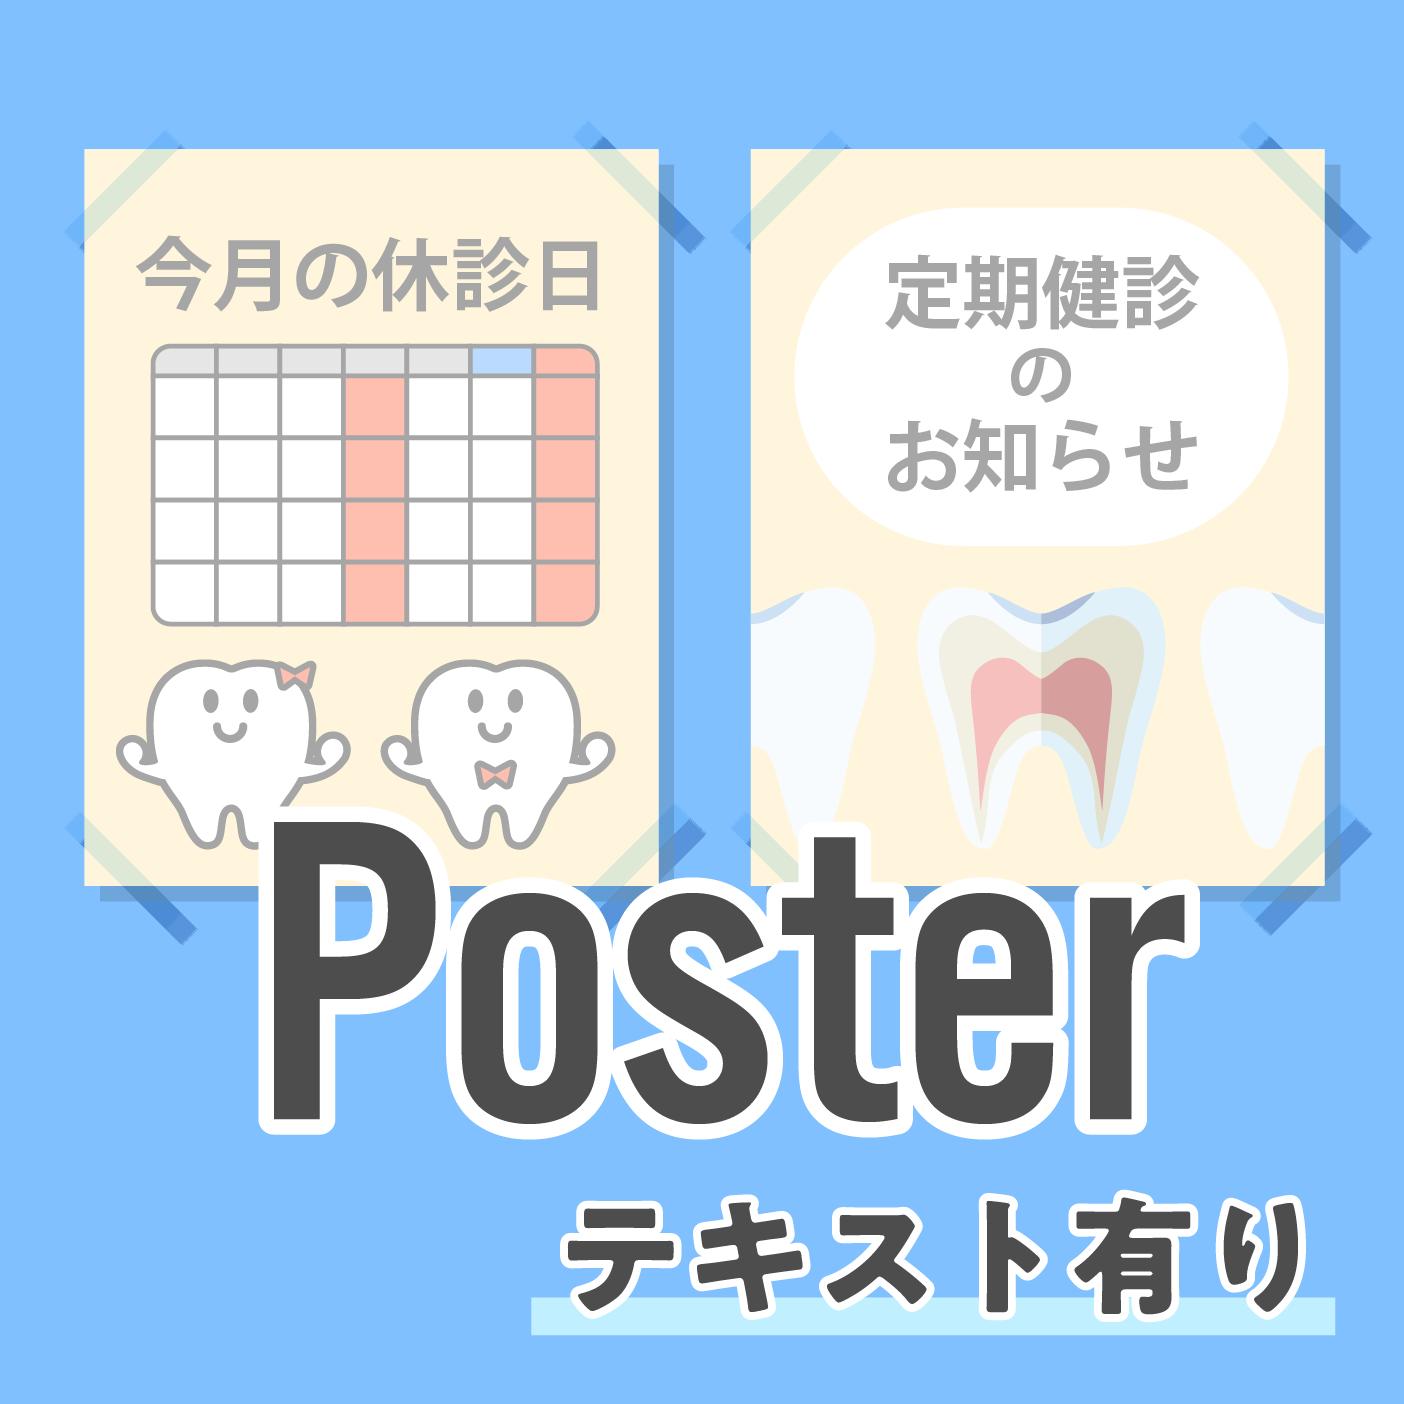 ポスター(テキスト有り)